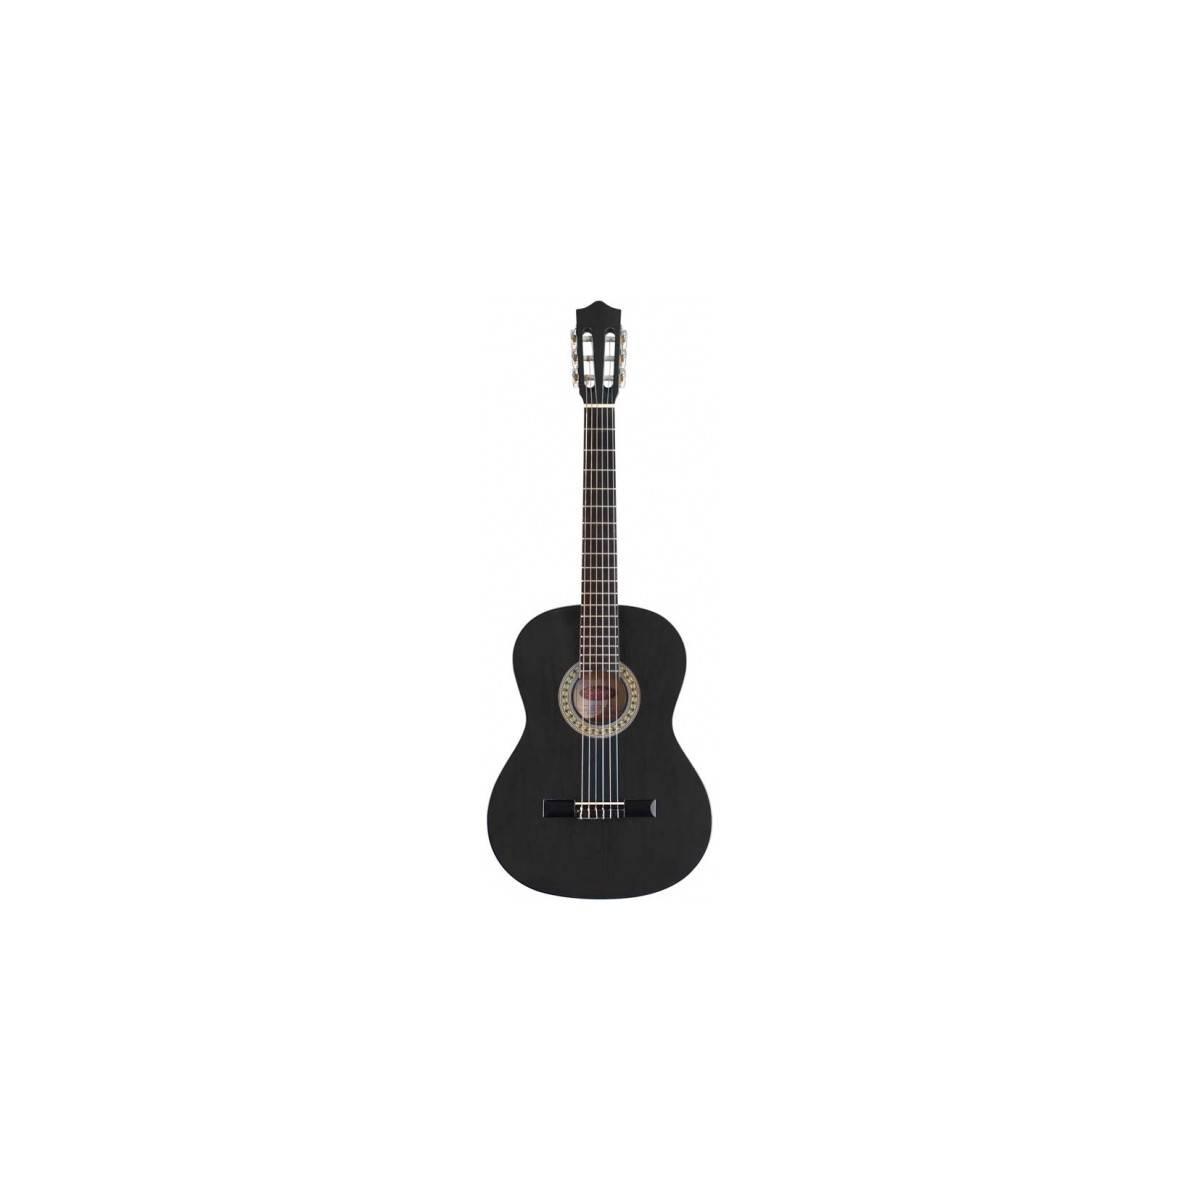 Guitare classique 4/4 tilleul noire